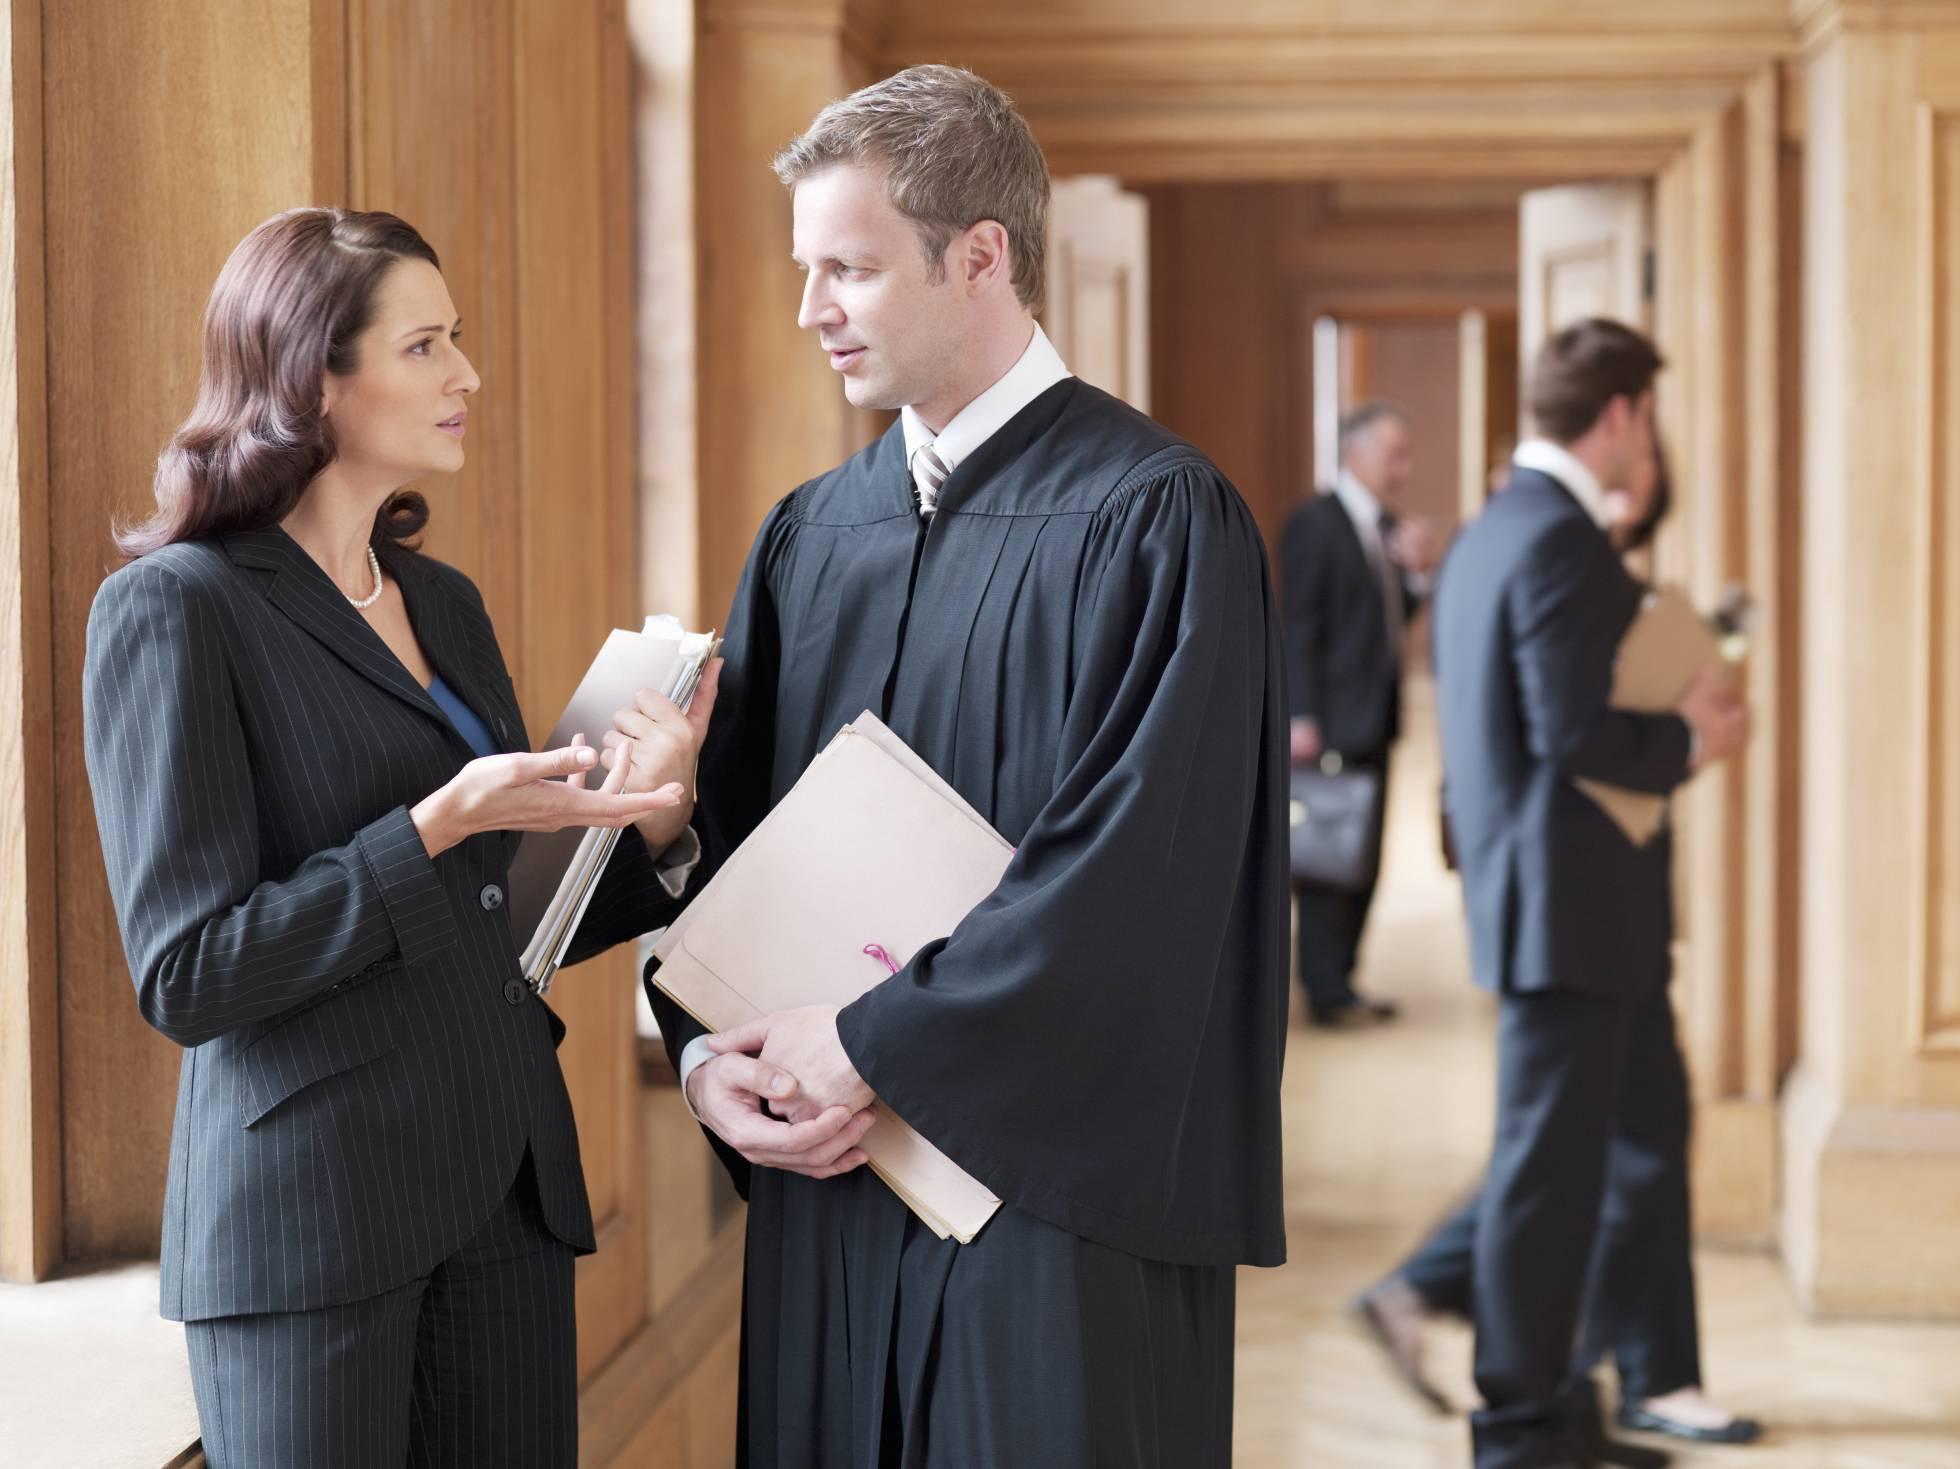 La abogacía exige que la ley garantice el aplazamiento del juicio por maternidad